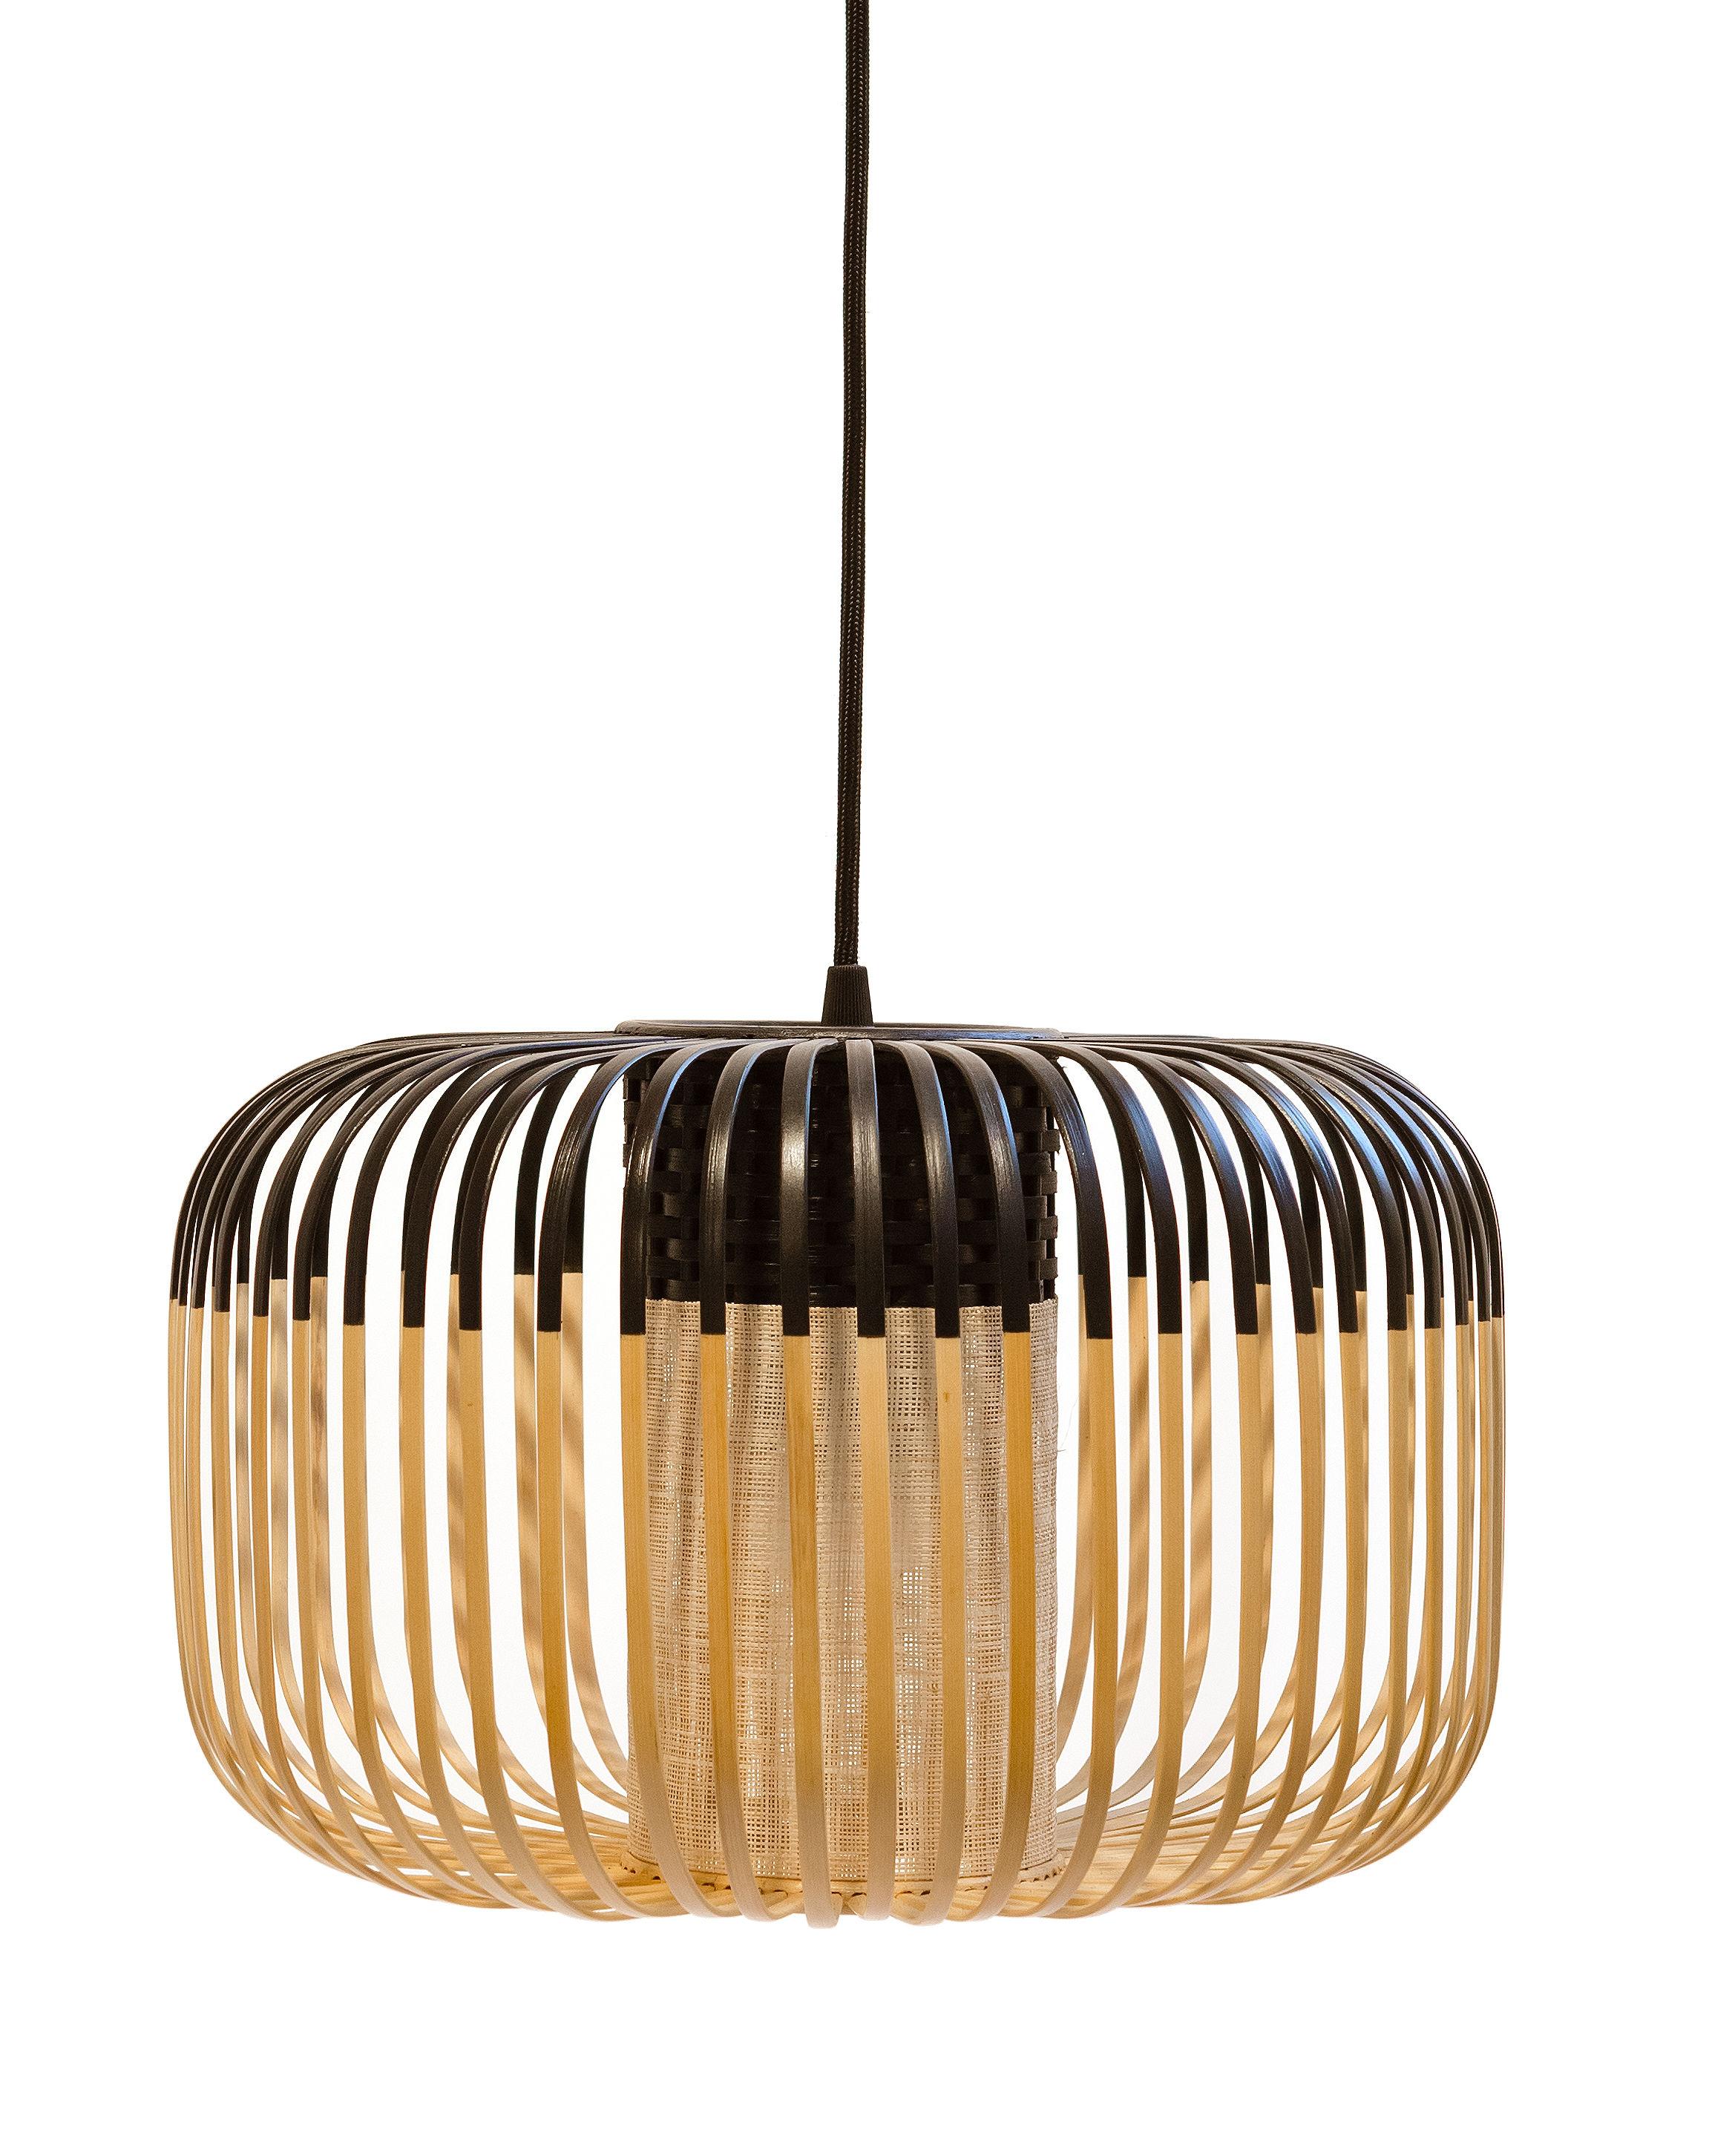 Illuminazione - Lampadari - Sospensione Bamboo Light S Outdoor - / H 23 x Ø 35 cm di Forestier - Nero / Naturale - Bambù naturale, Gomma